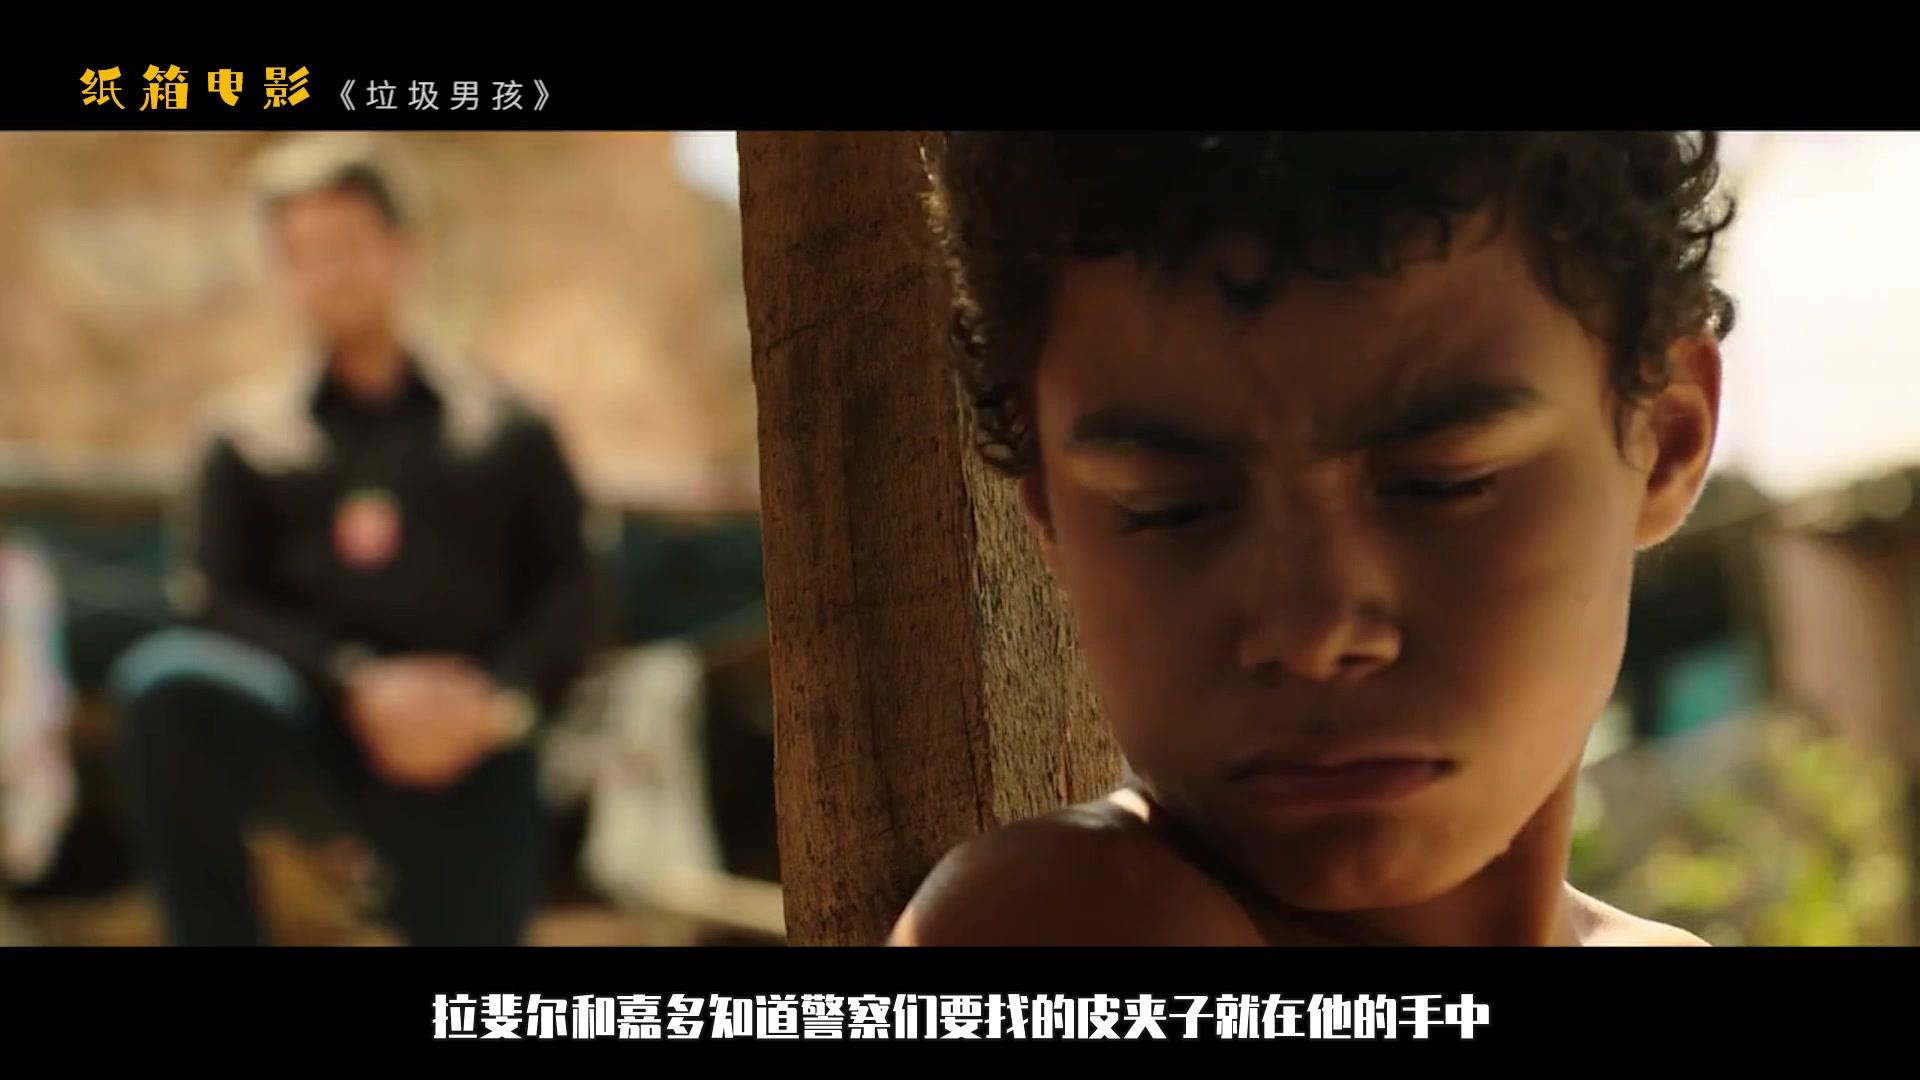 【纸箱电影】拾荒少年无意捡到一个钱包,却卷入政府腐败阴谋,引来杀身之祸